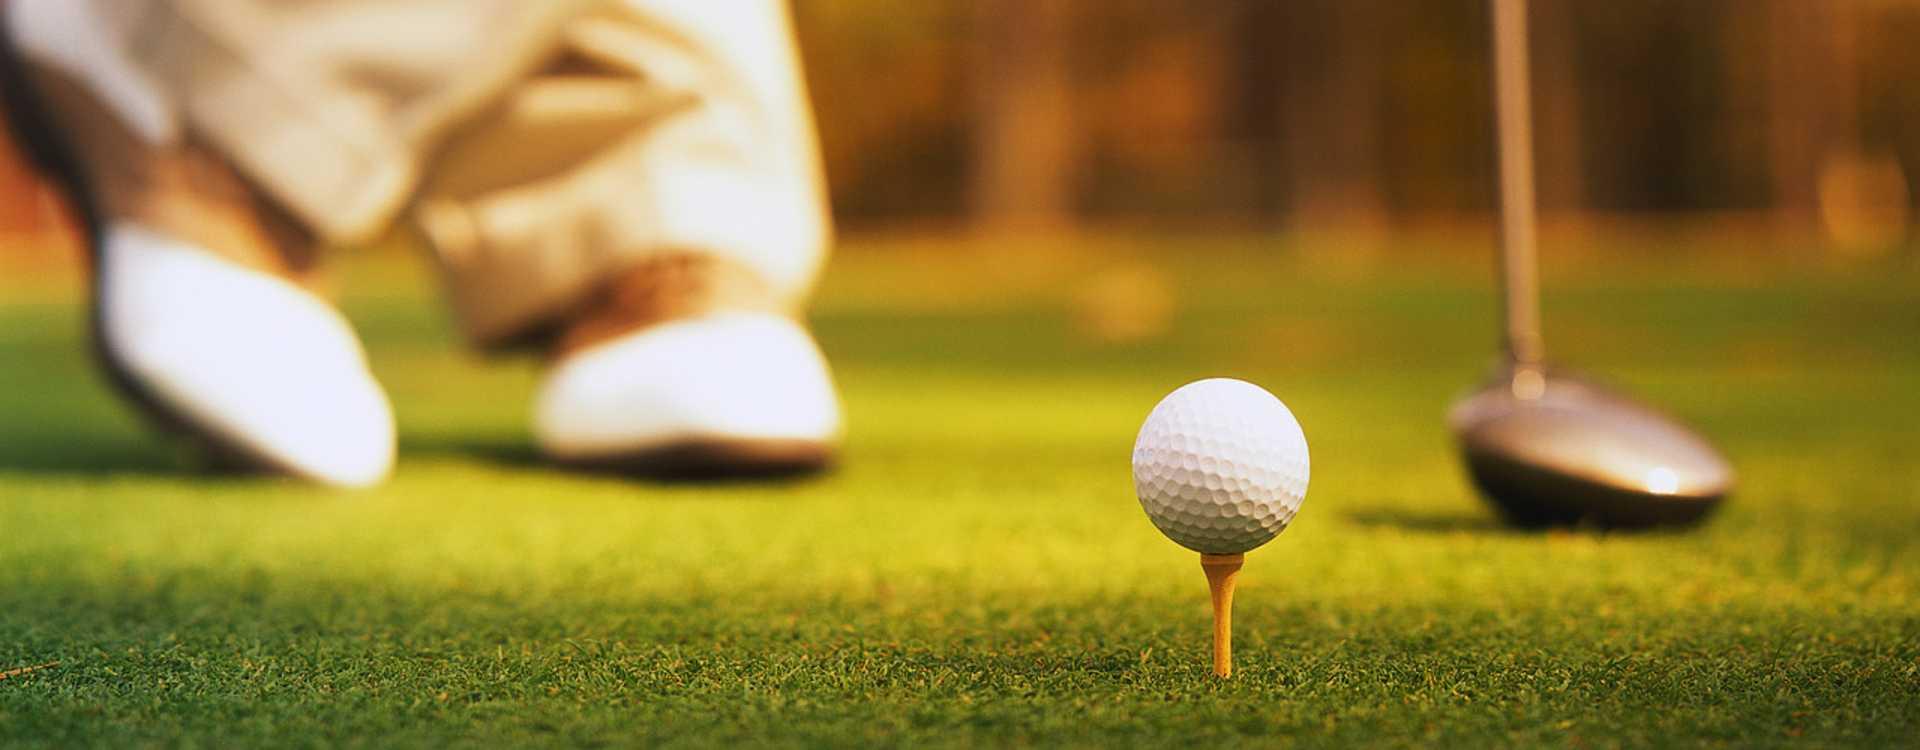 Puetz_Golf_Superstores-2.jpg